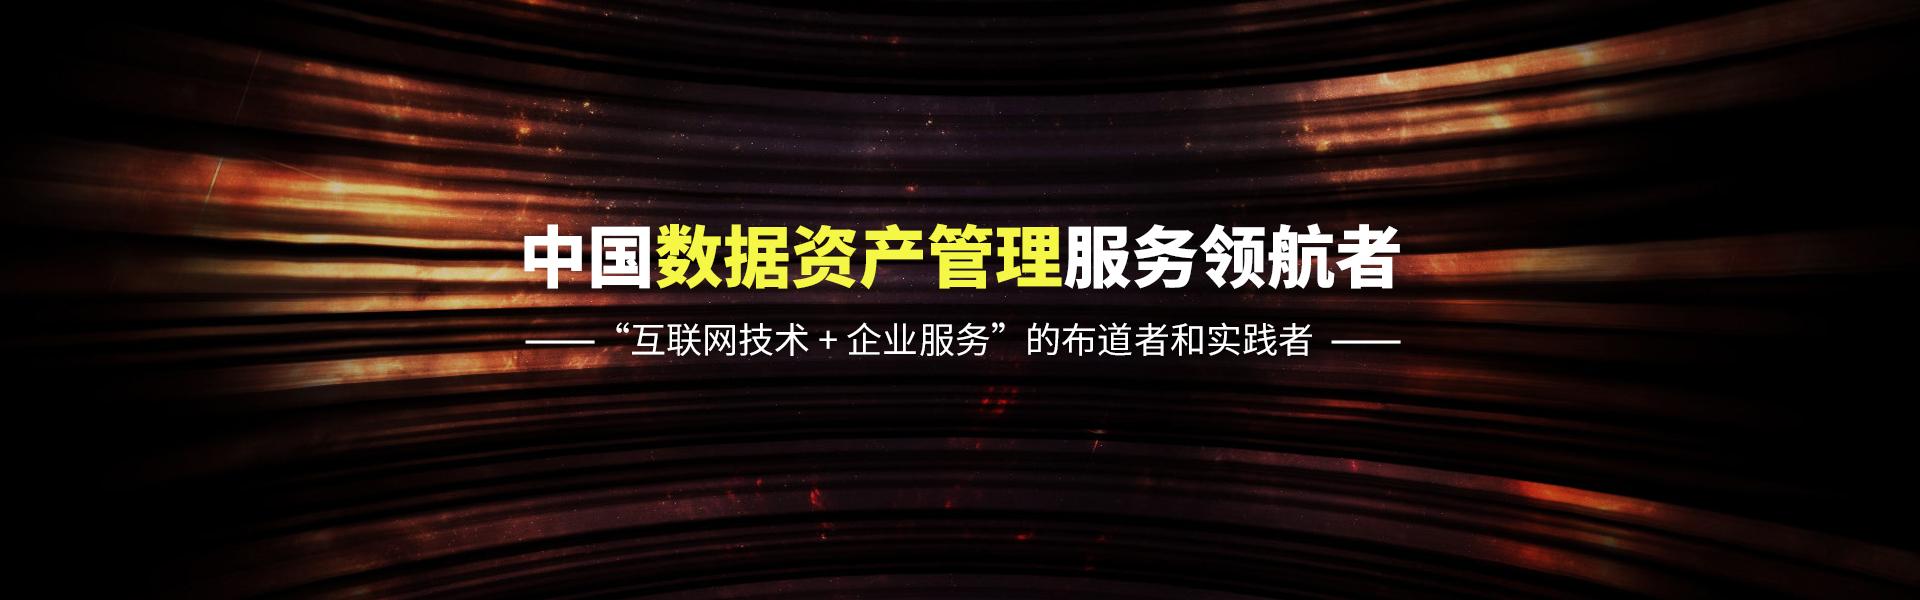 中国数据资产管理服务领航者